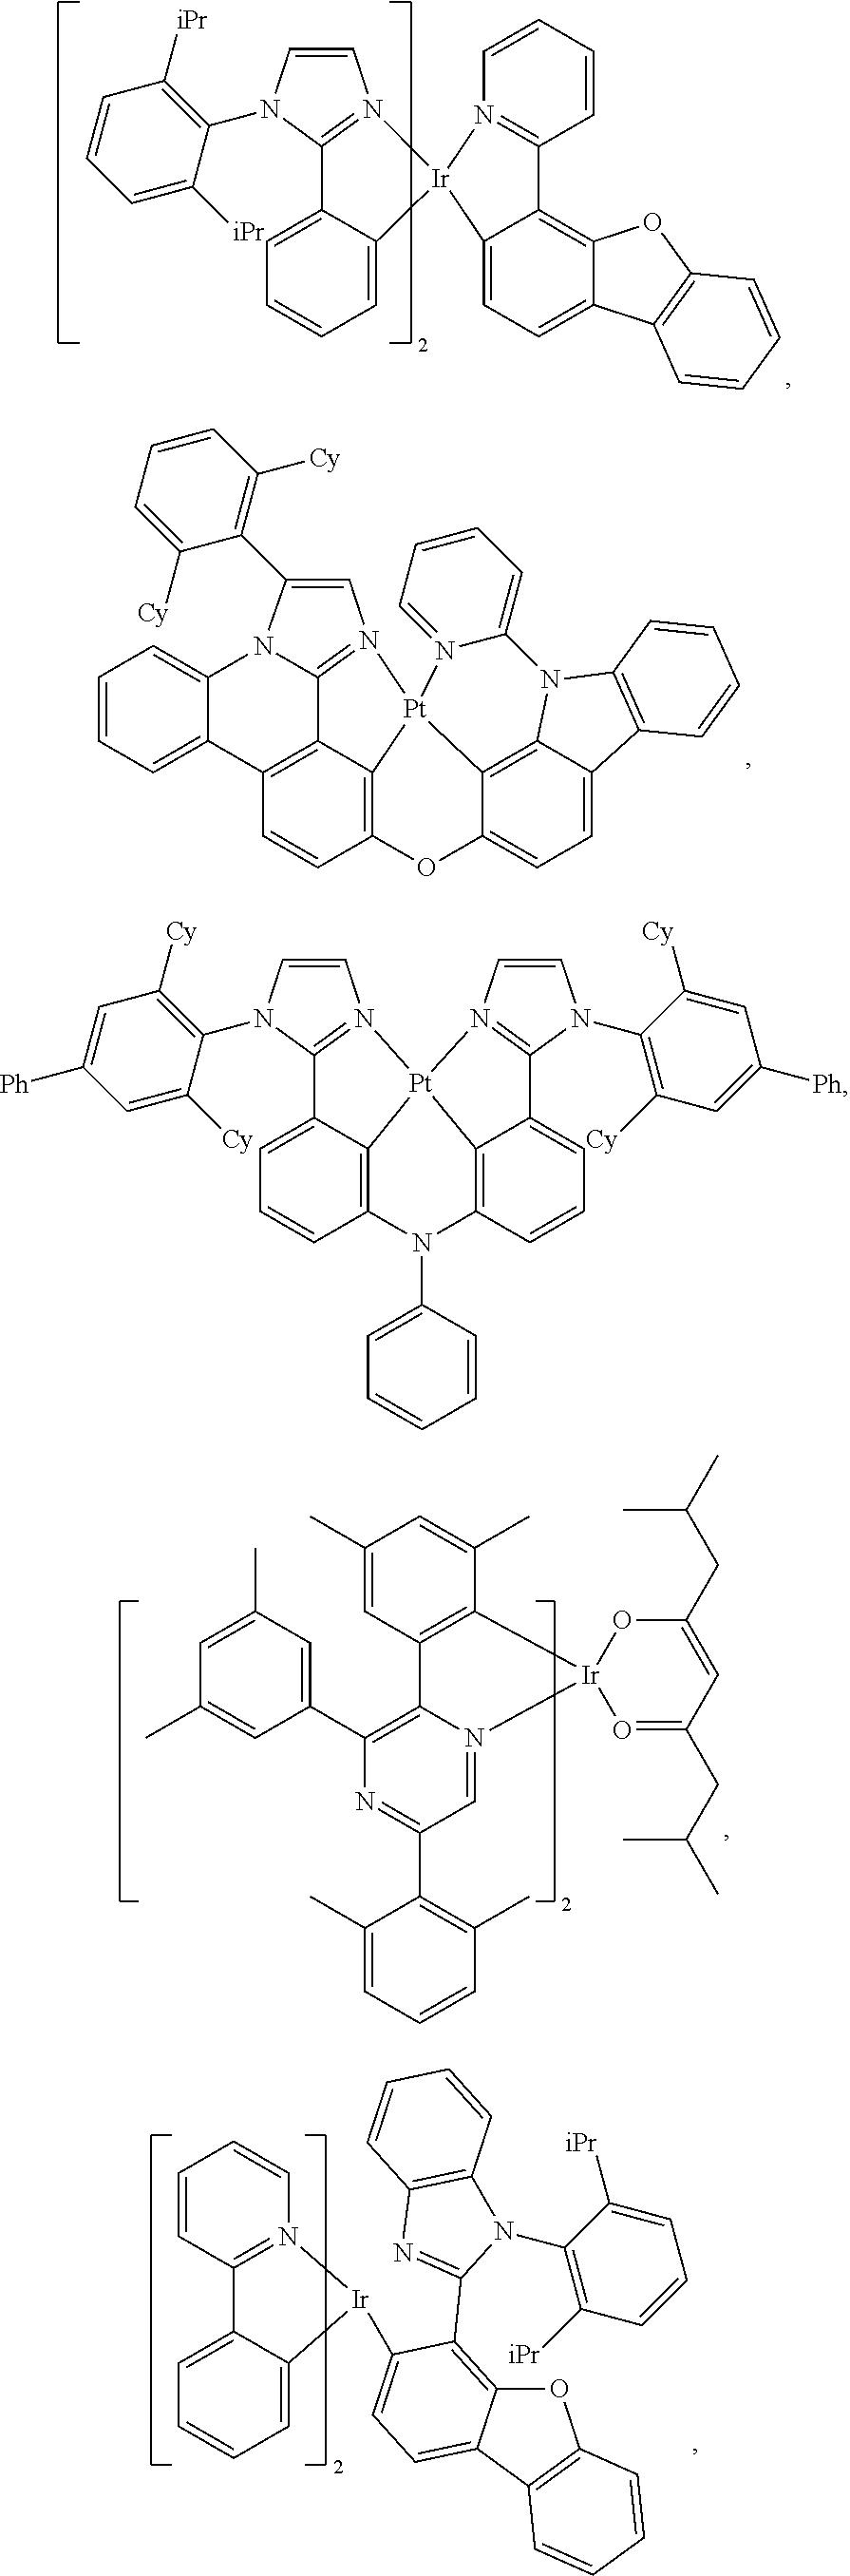 Figure US20180130962A1-20180510-C00181